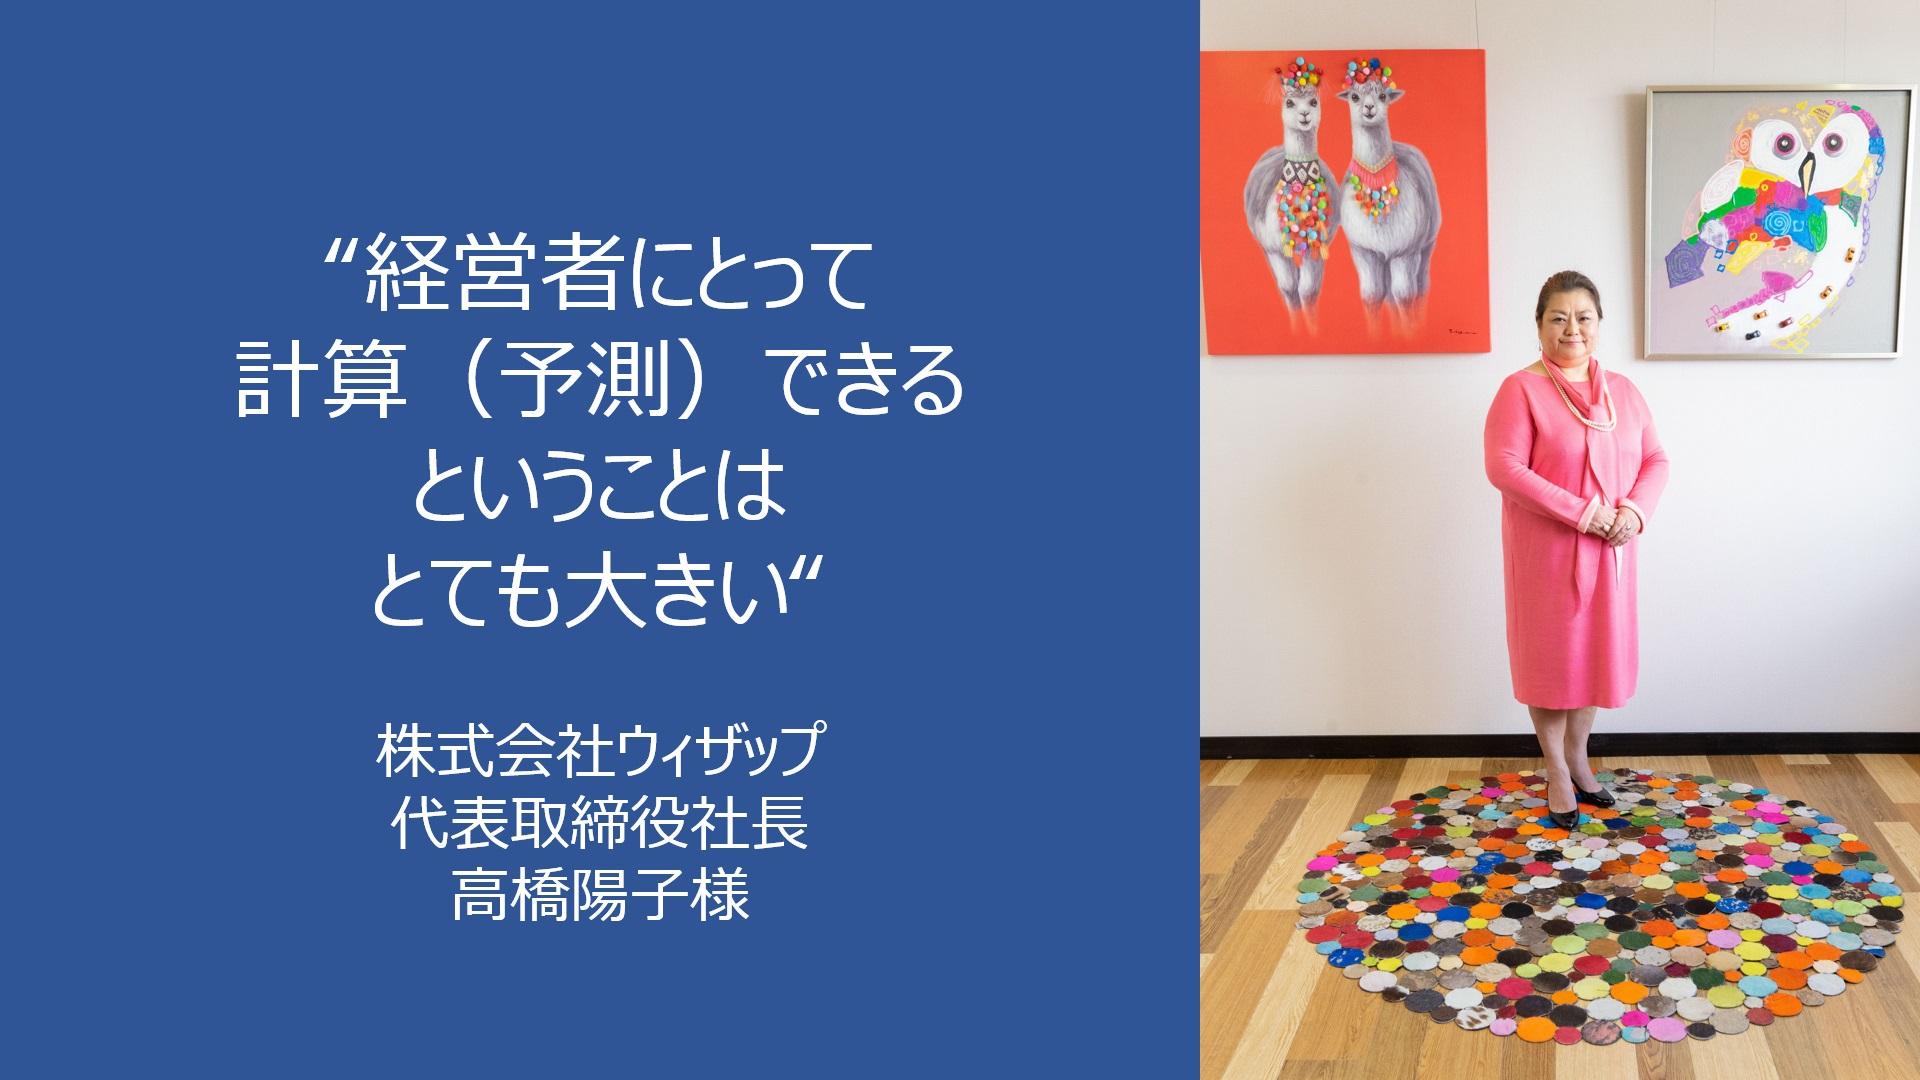 東日本で初めてのハイデルベルグ サブスクリプション<BR>株式会社ウィザップ代表取締役社長 高橋陽子様<BR>インタビュー 2